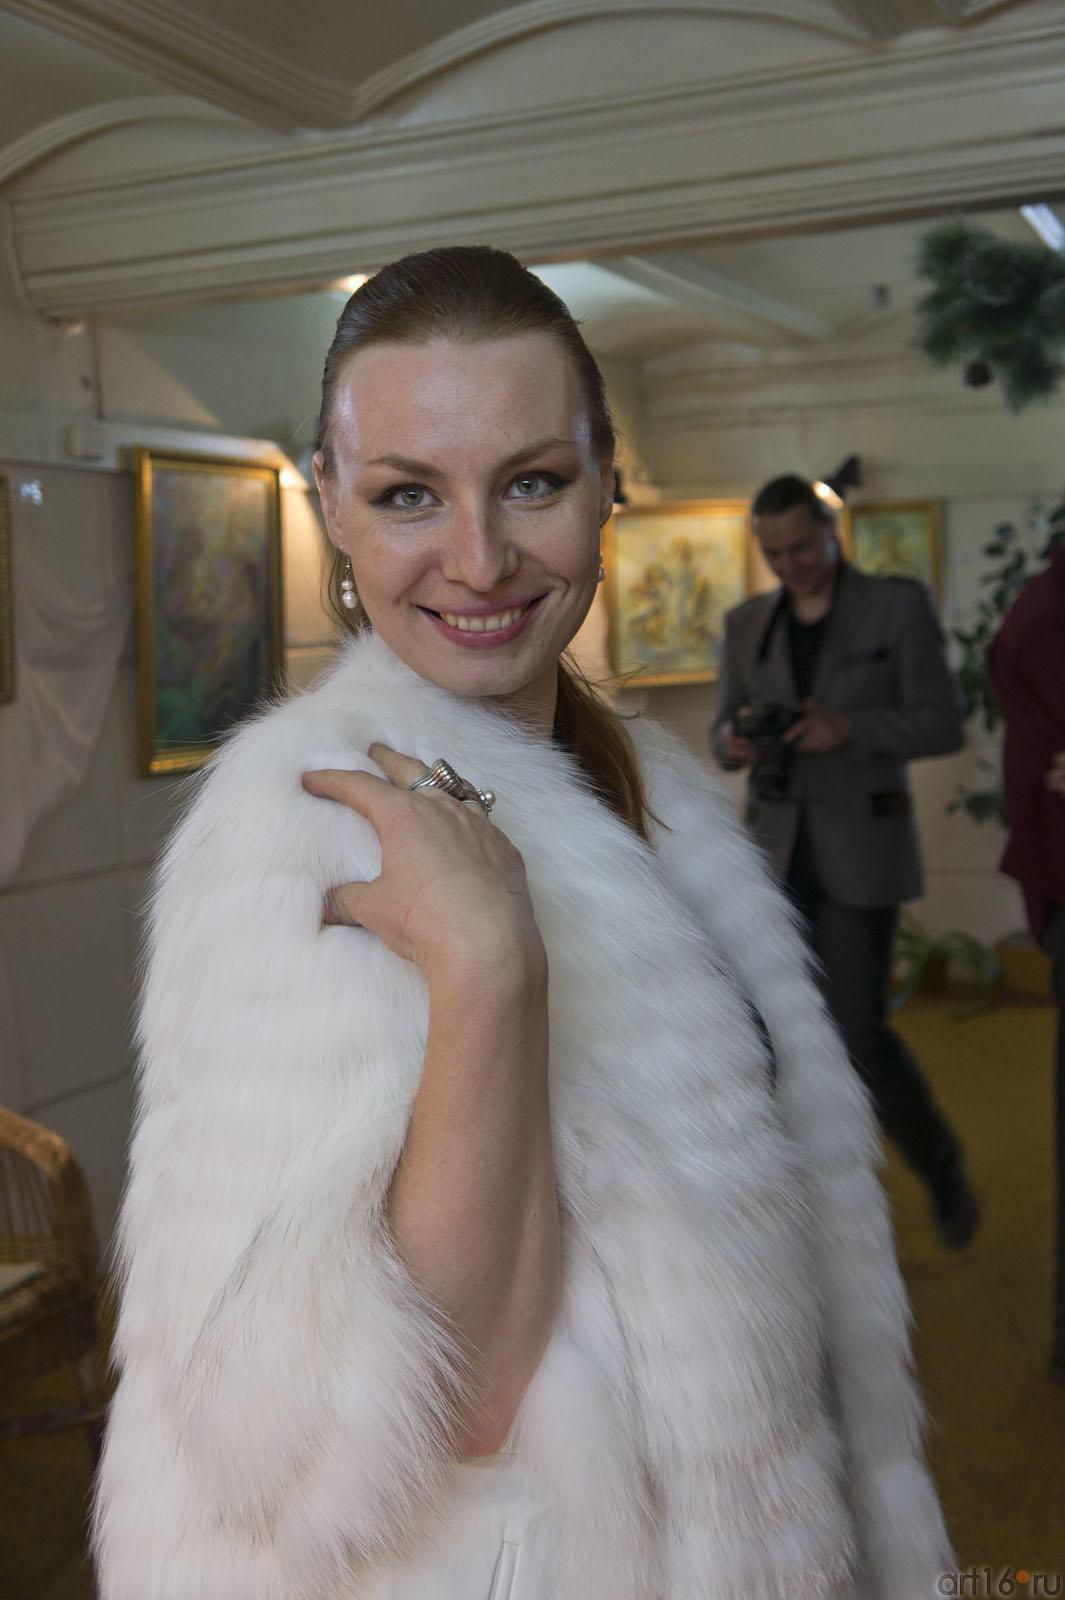 Анастасия Бузунеева на открытии выставки ʺКак Ангелыʺ::Анастасия Бузунеева: «Как ангелы», живопись